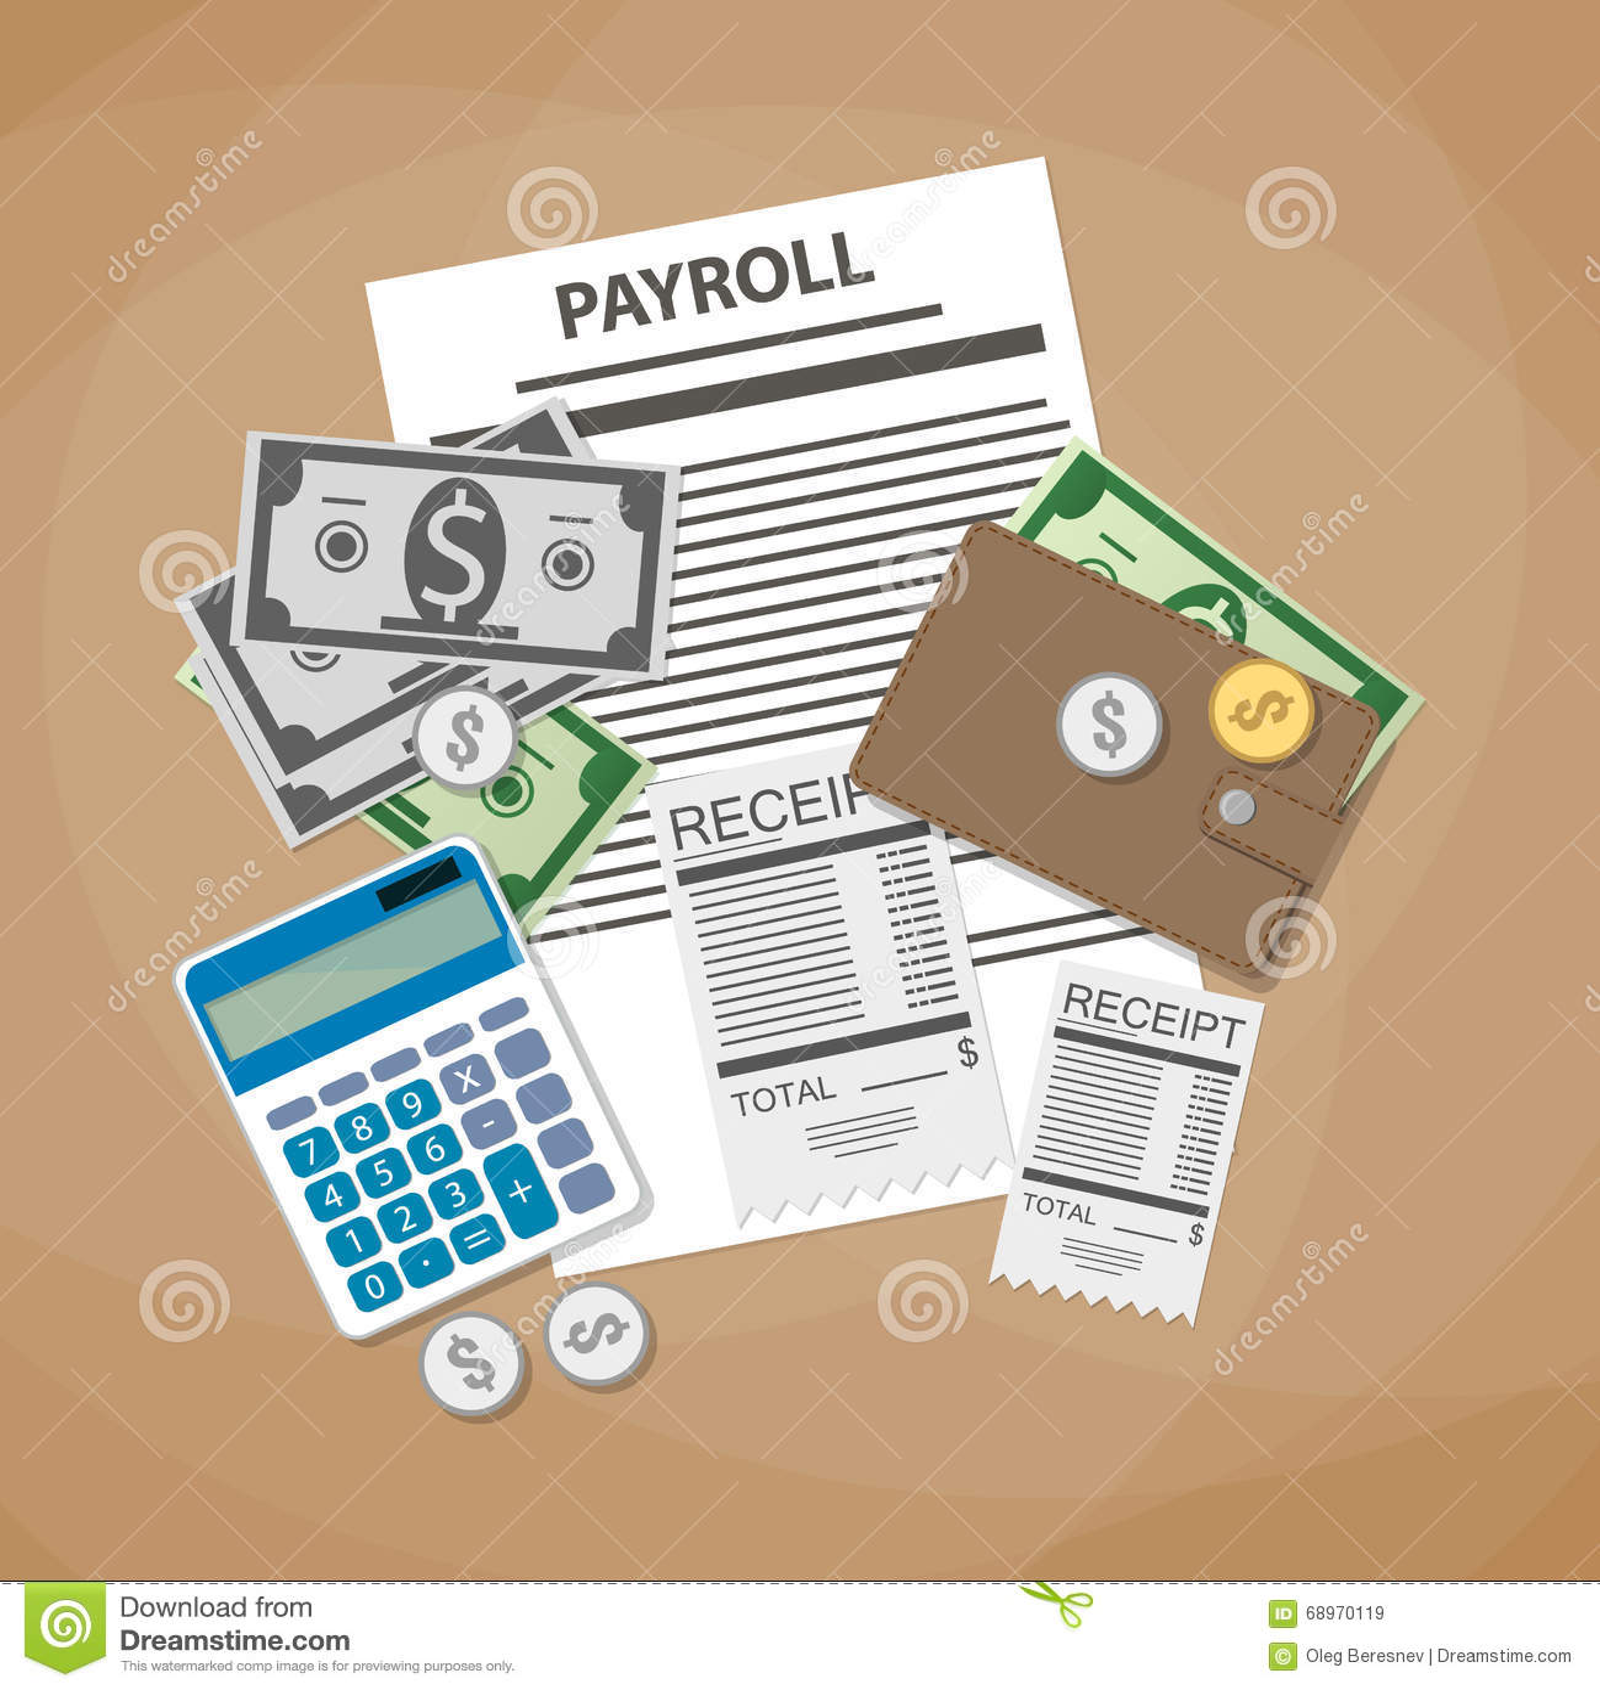 Payroll Invoice Sheet Vector Image 69570262 – Payroll Invoice